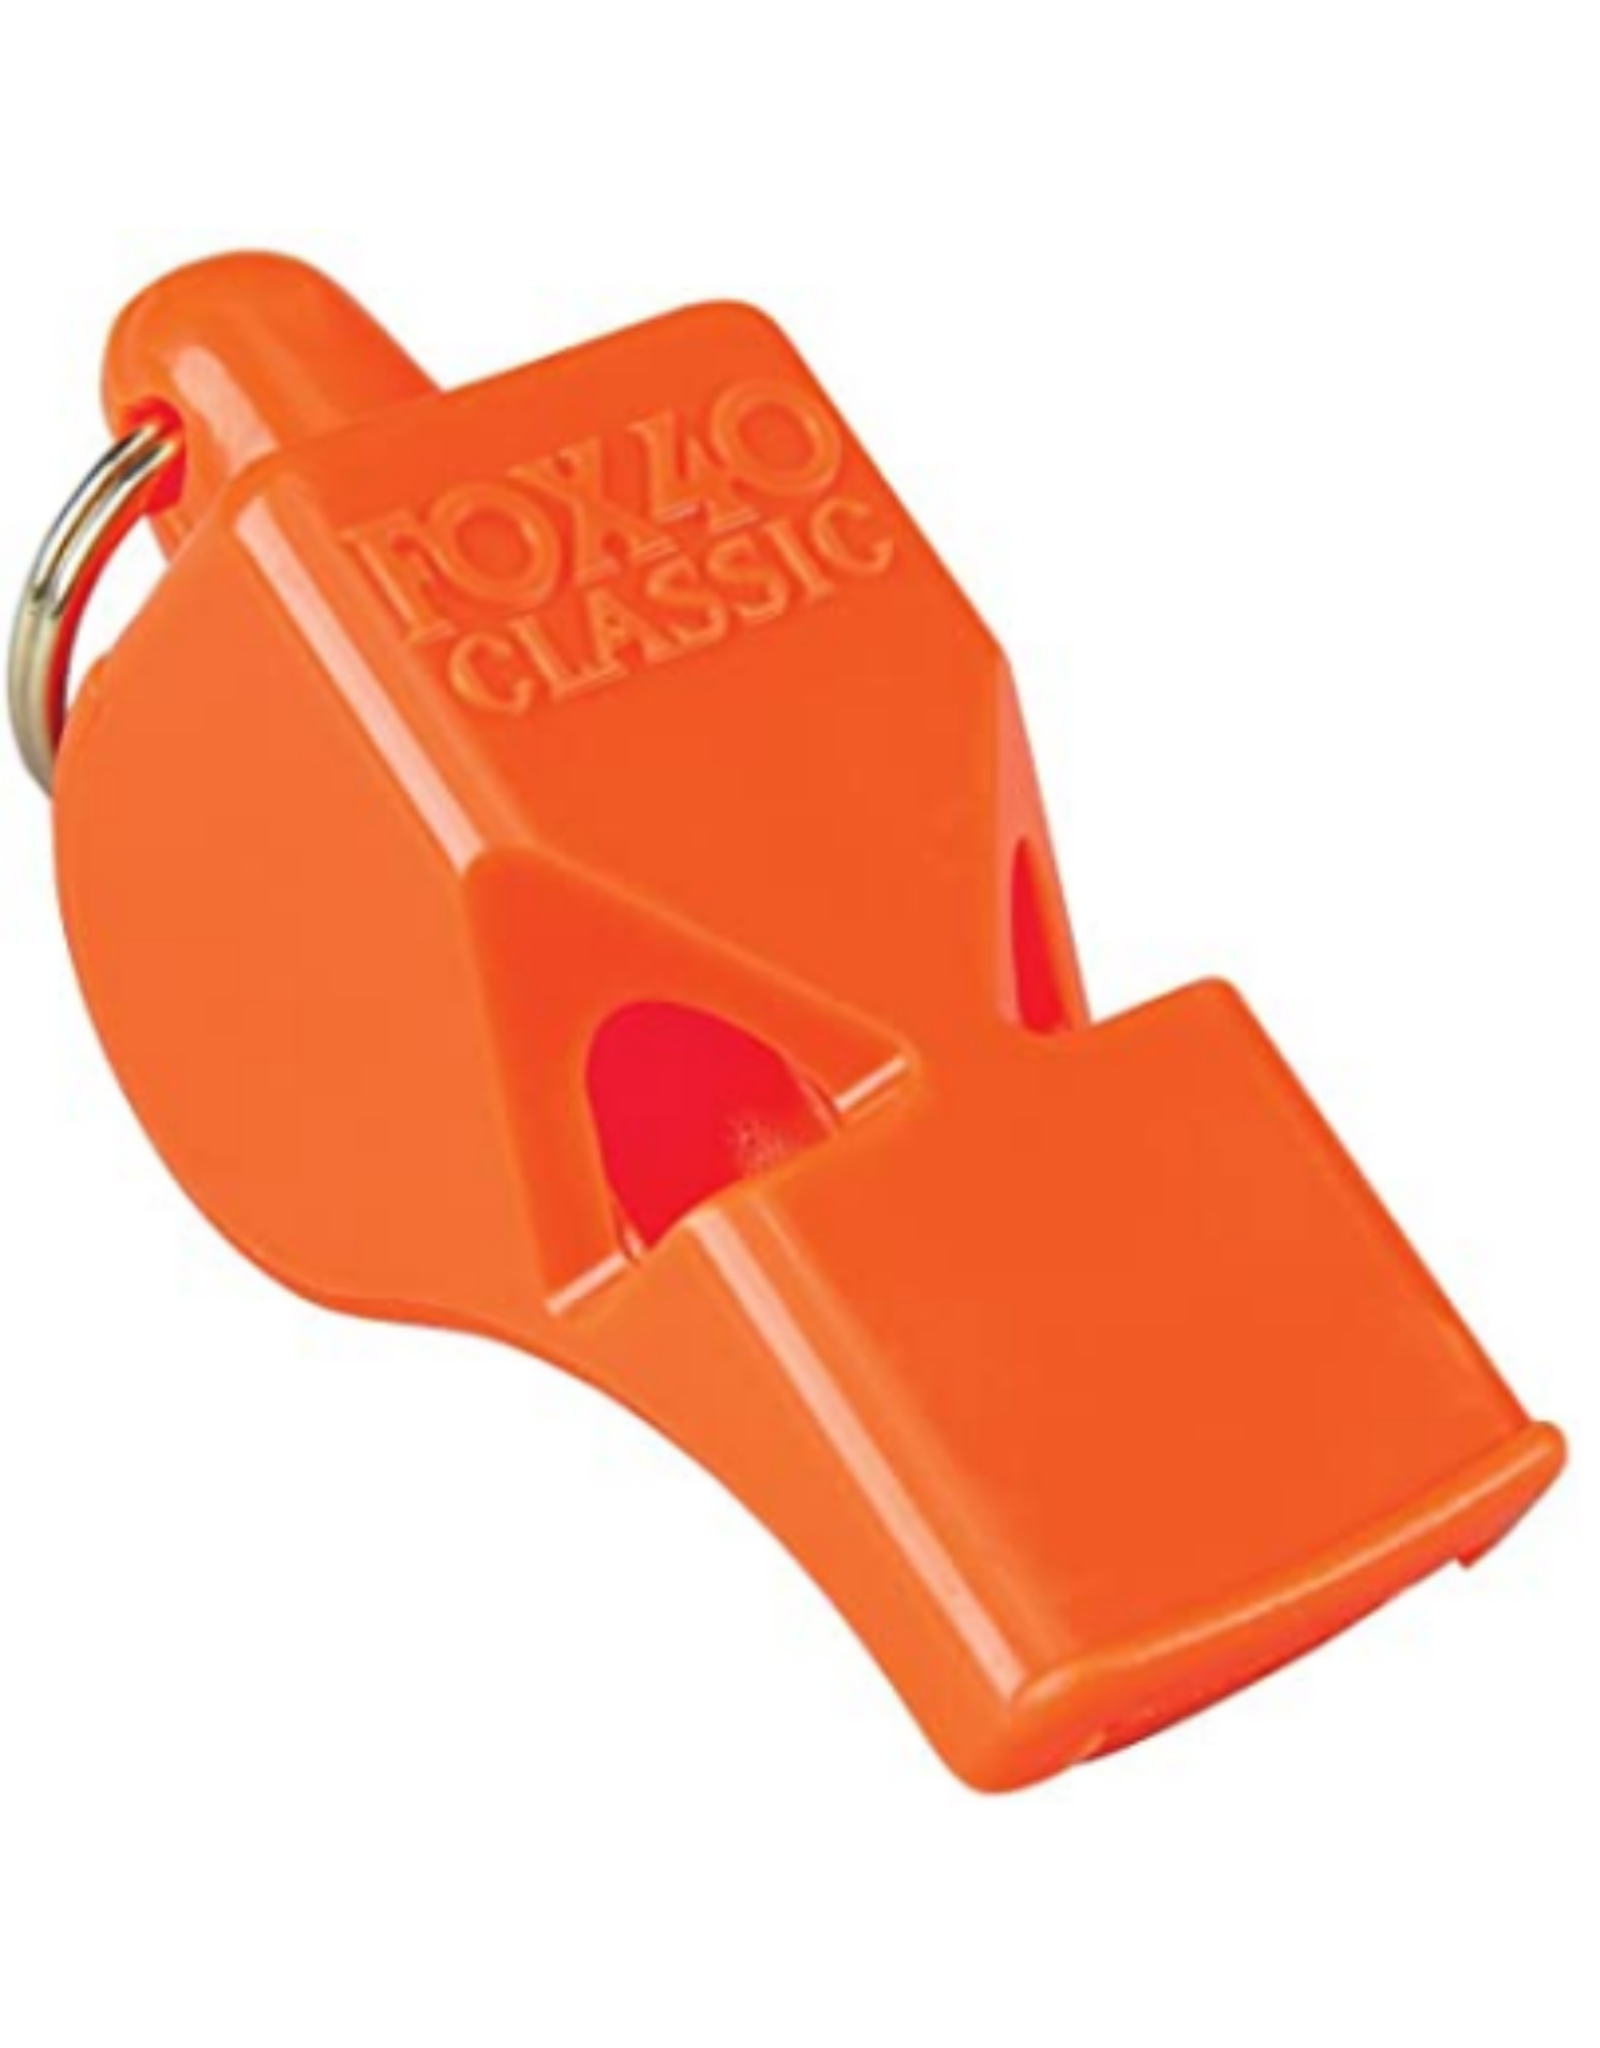 Fox 40 Classic Pealess Whistle Orange